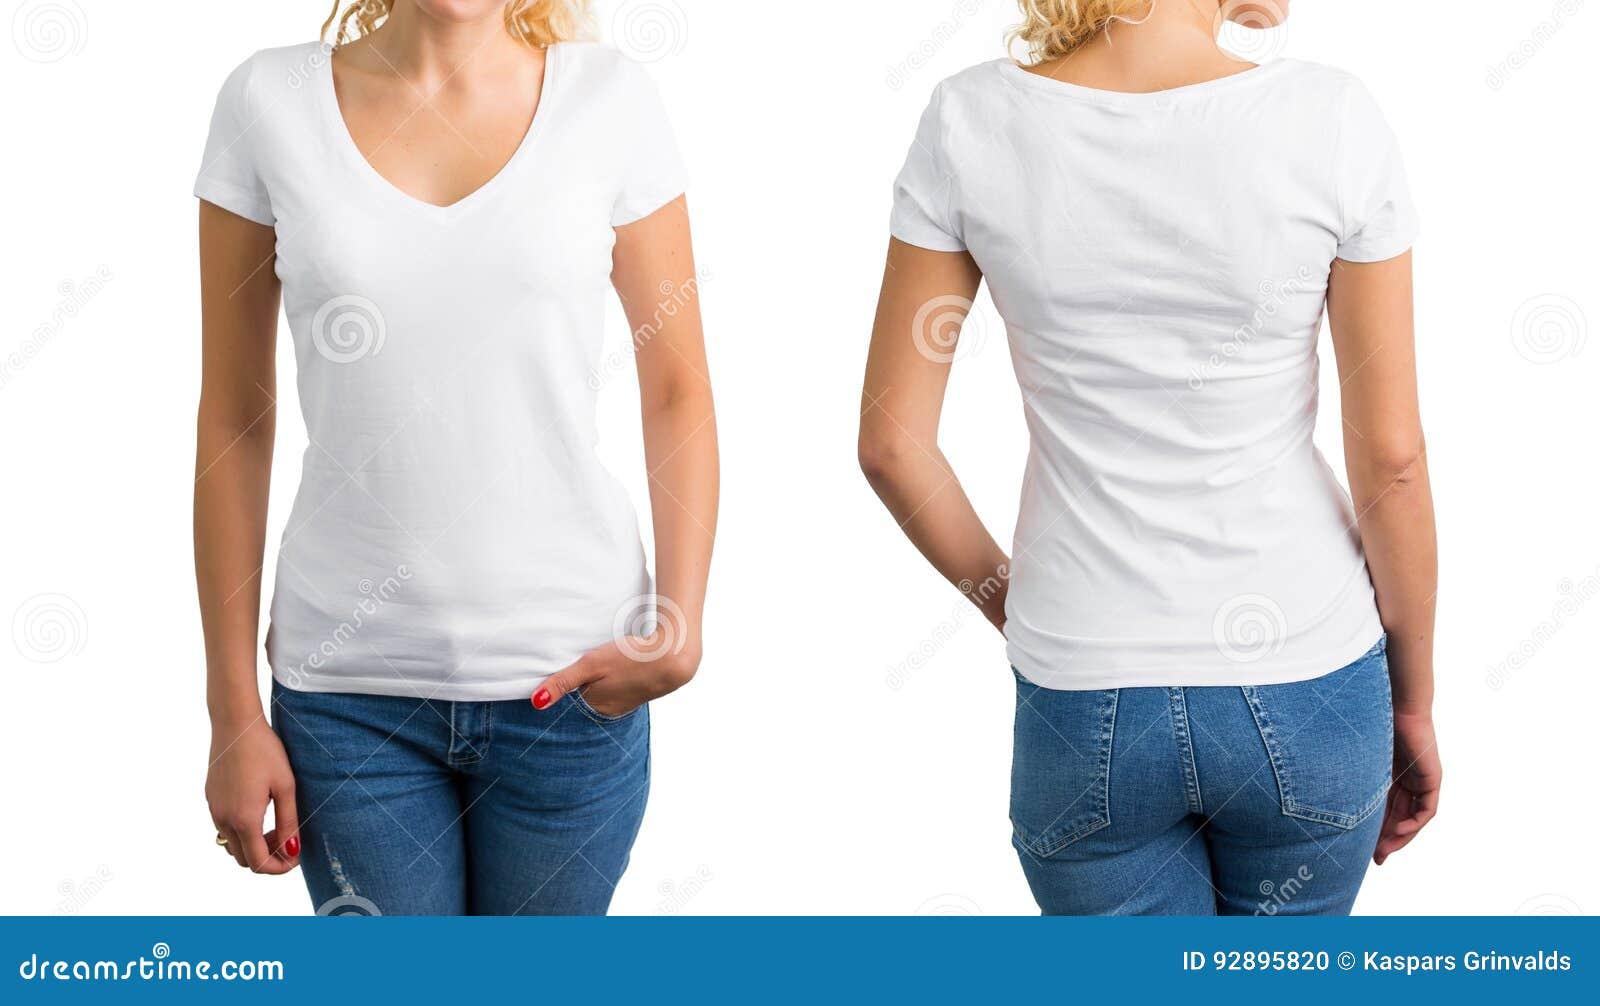 d19738842f36 Mujer En La Camiseta, El Frente Y La Parte Posterior Con Cuello De ...